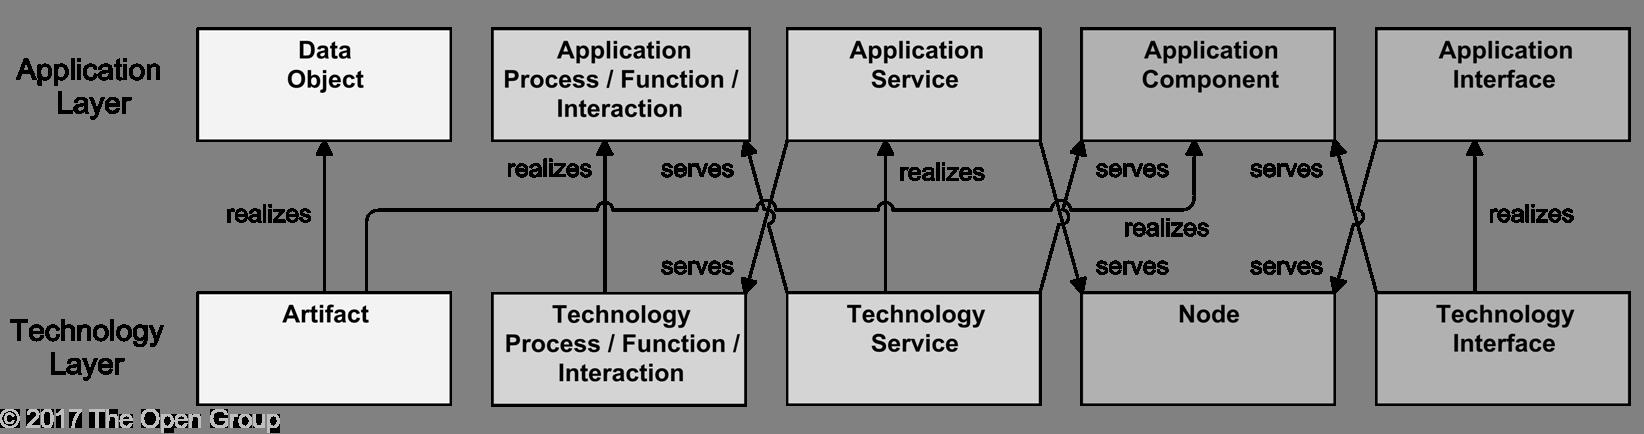 archimate-modelisation-de-l-alignement-des-couches-d-application-et-de-technologie.png